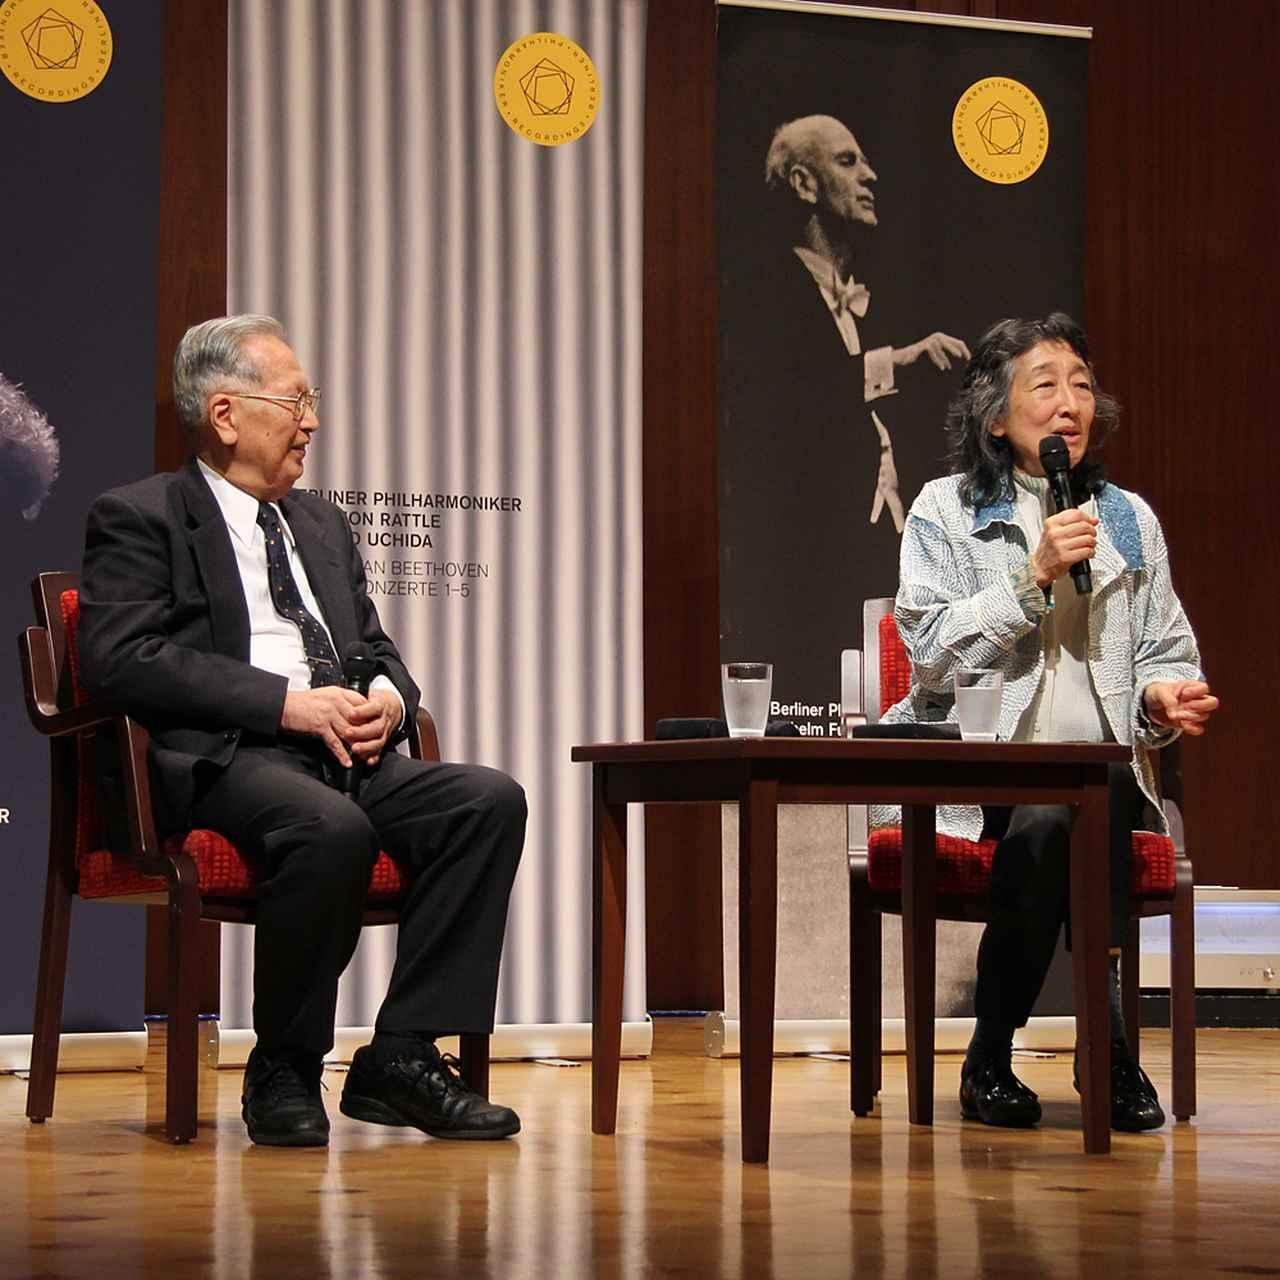 画像: 内田氏(右)は新氏(左)とのトークセッションでベルリン・フィルが持つ稀有な力、演奏の一回性などについて語った。